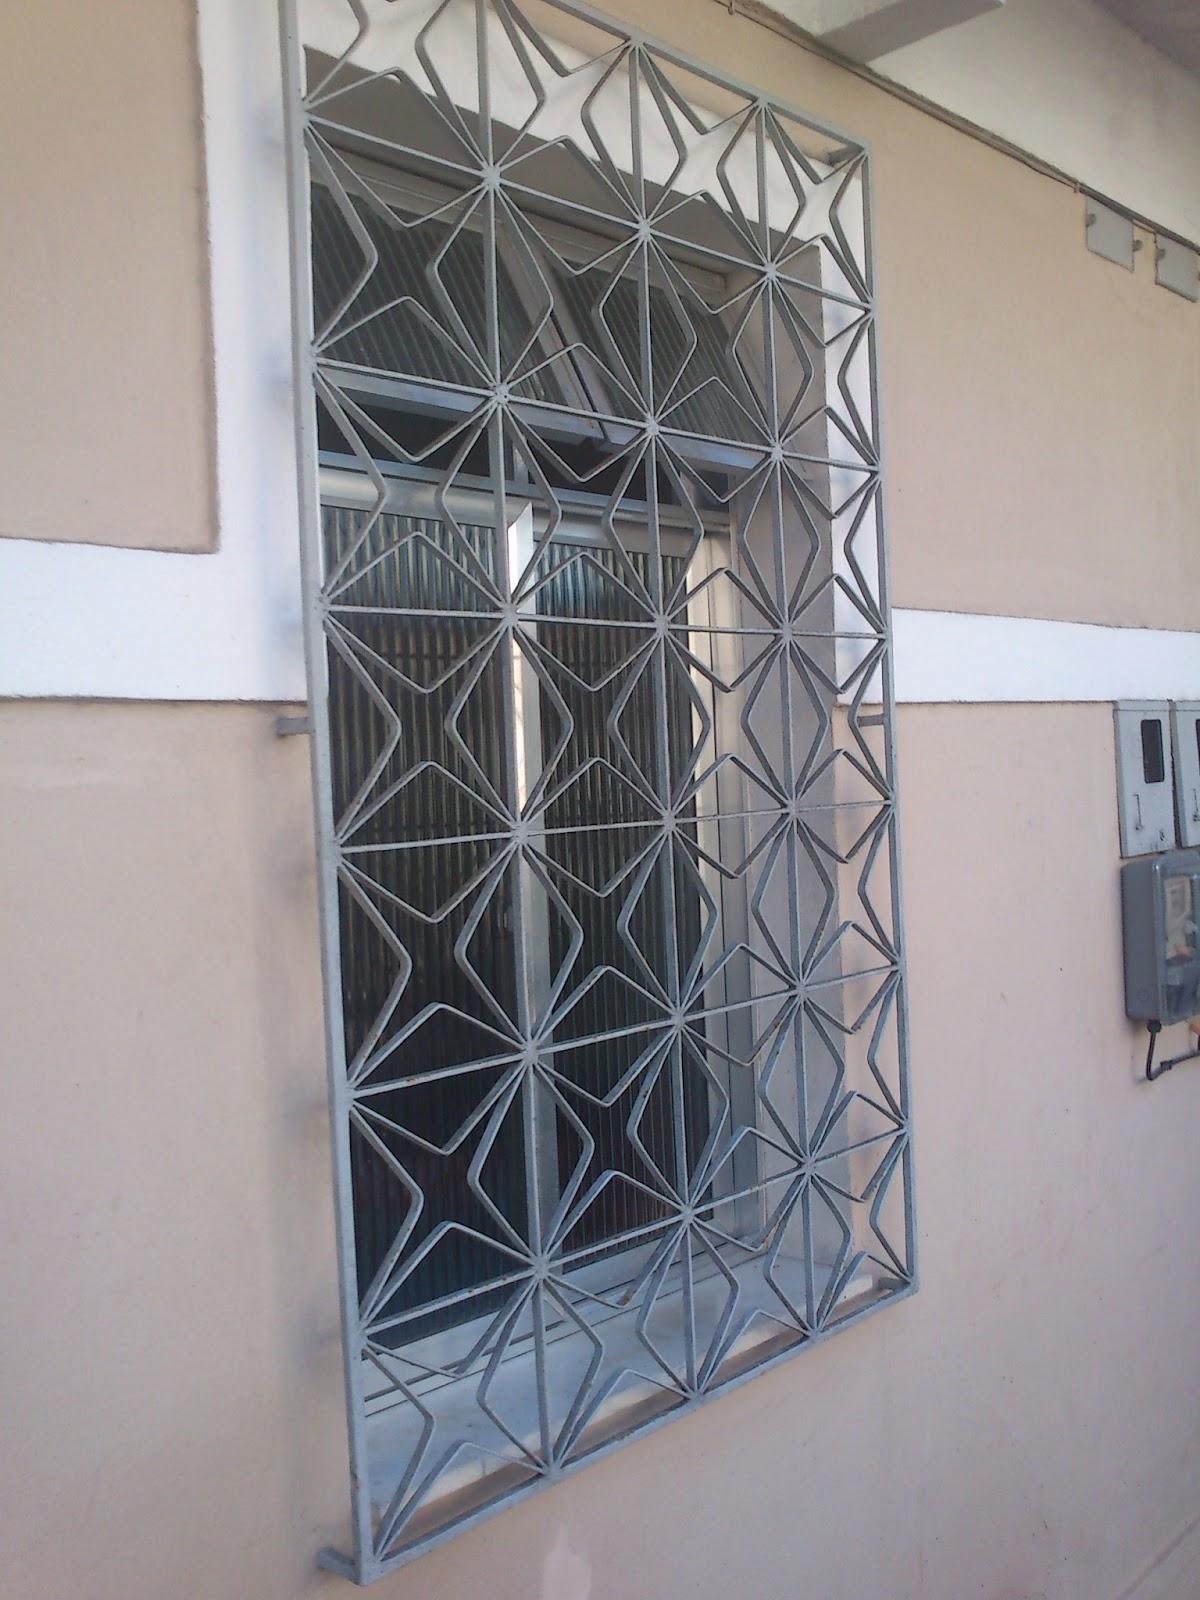 #505B67  ZONA NORTE RJ: Grades Serralheria Zona Norte Rj Alumínio e 2016 Janela De Aluminio Zona Sul